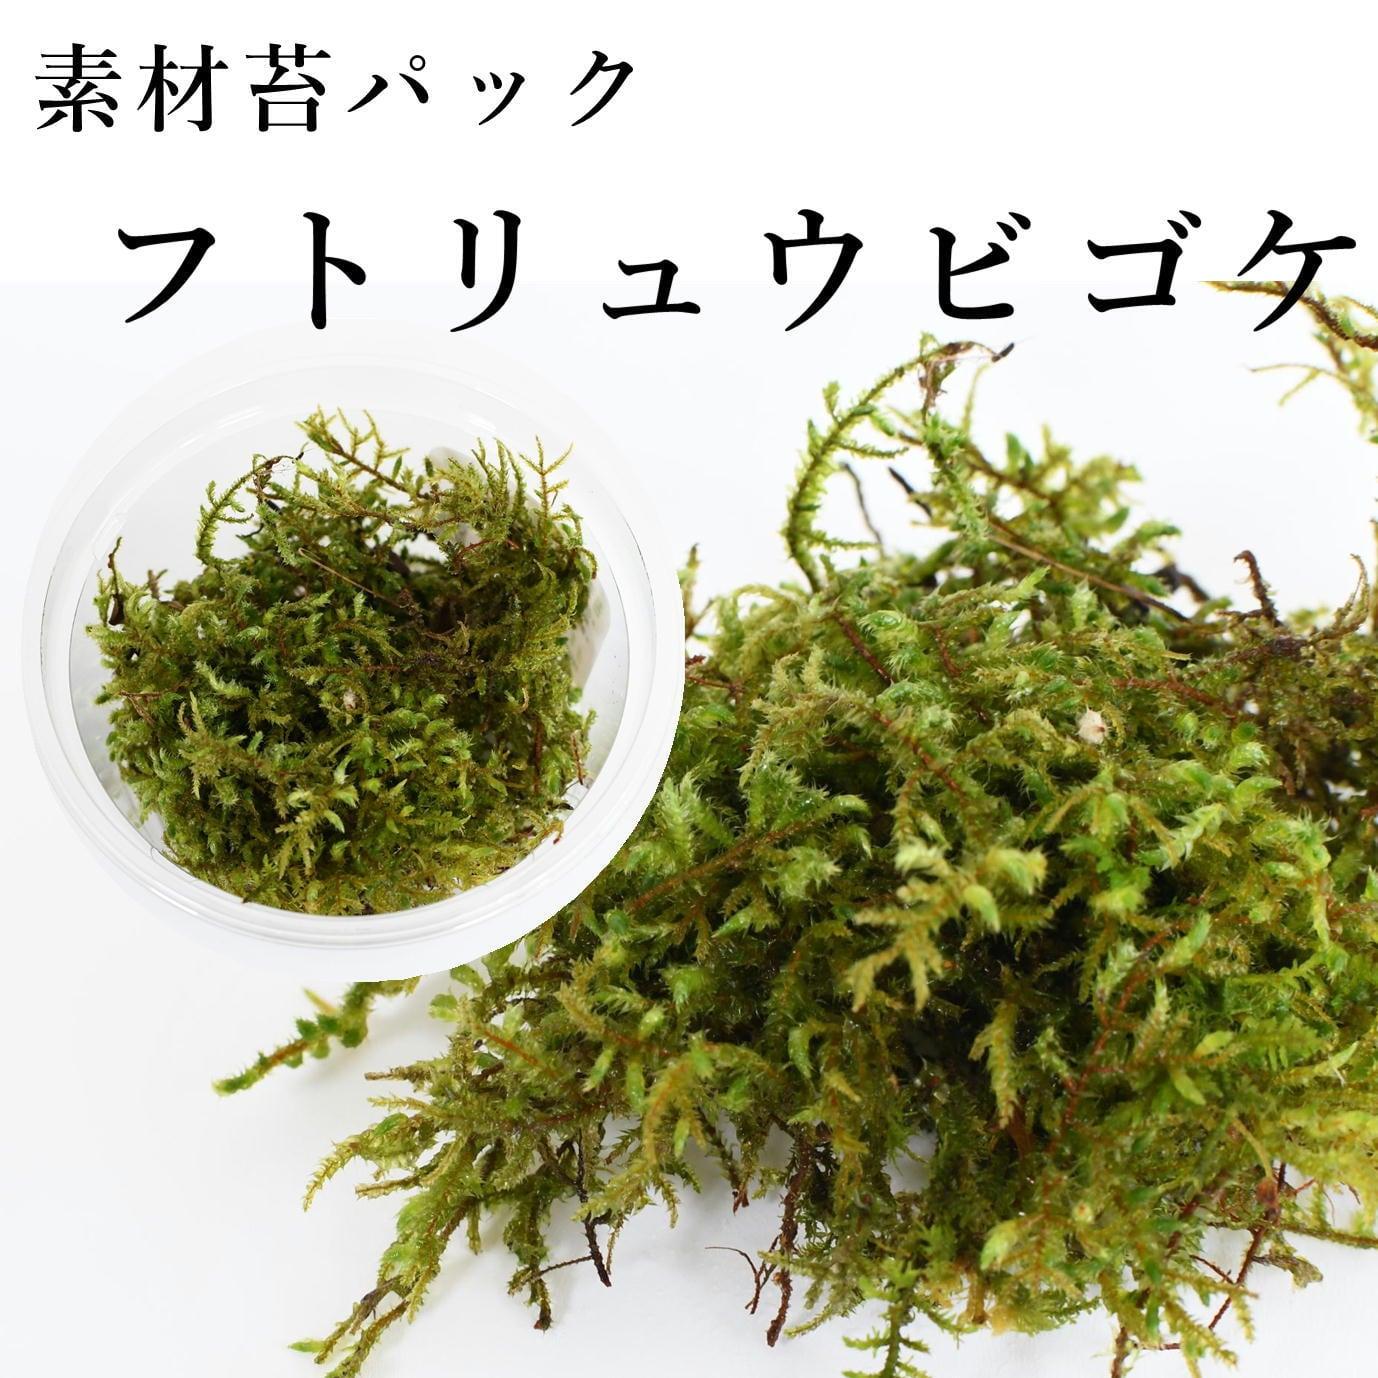 フトリュウビゴケ 苔テラリウム作製用素材苔